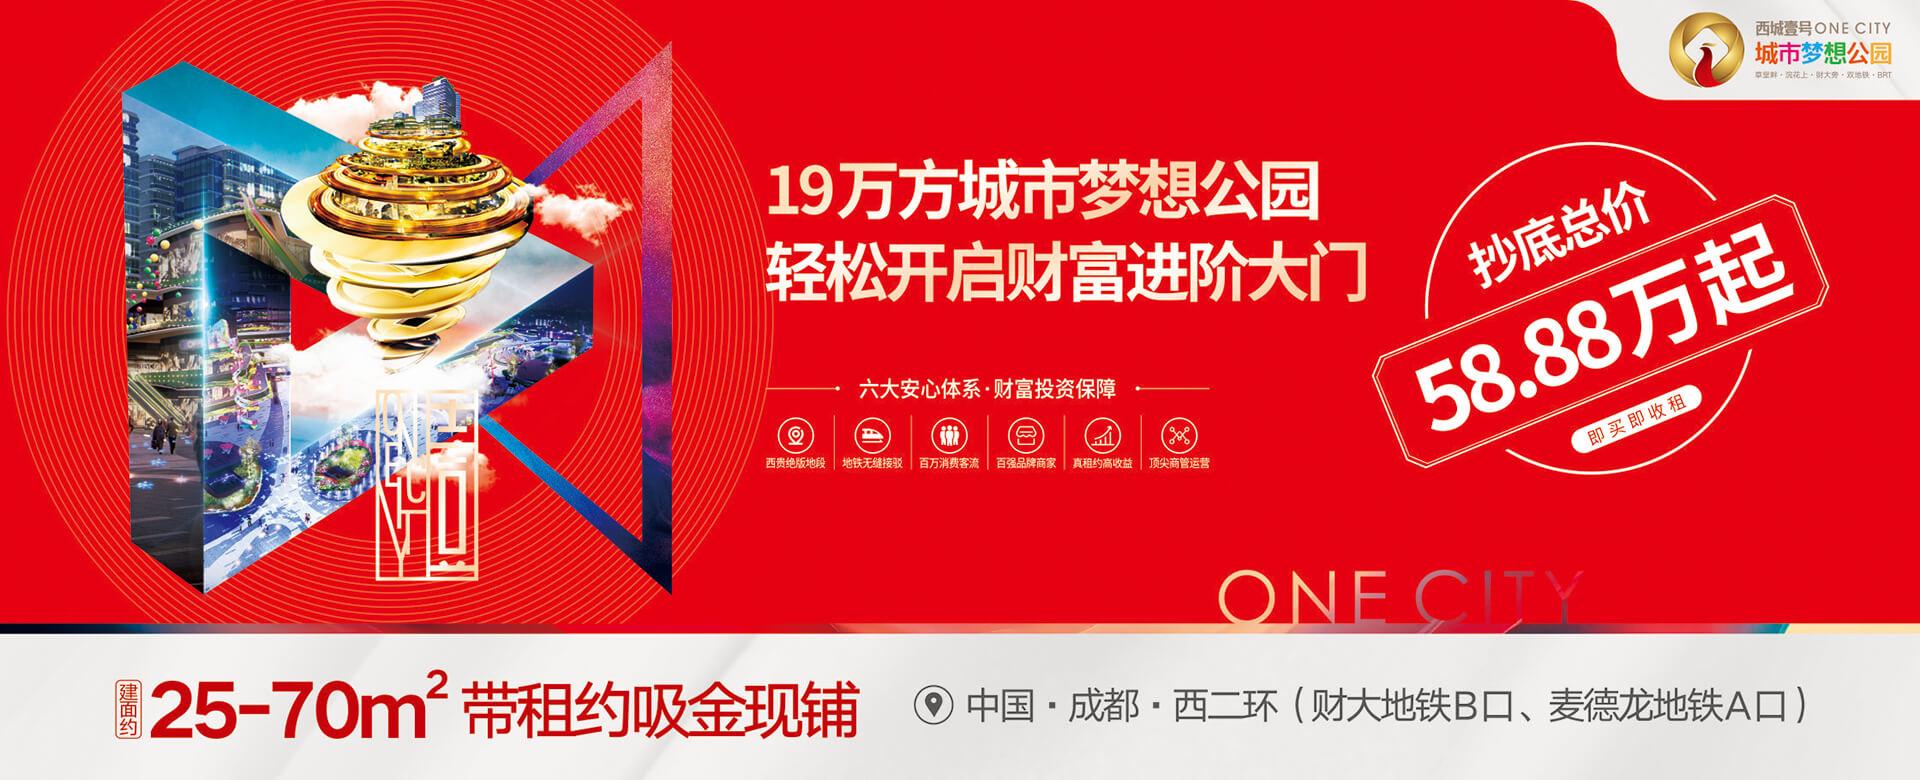 海南房产网西城壹号宣传图